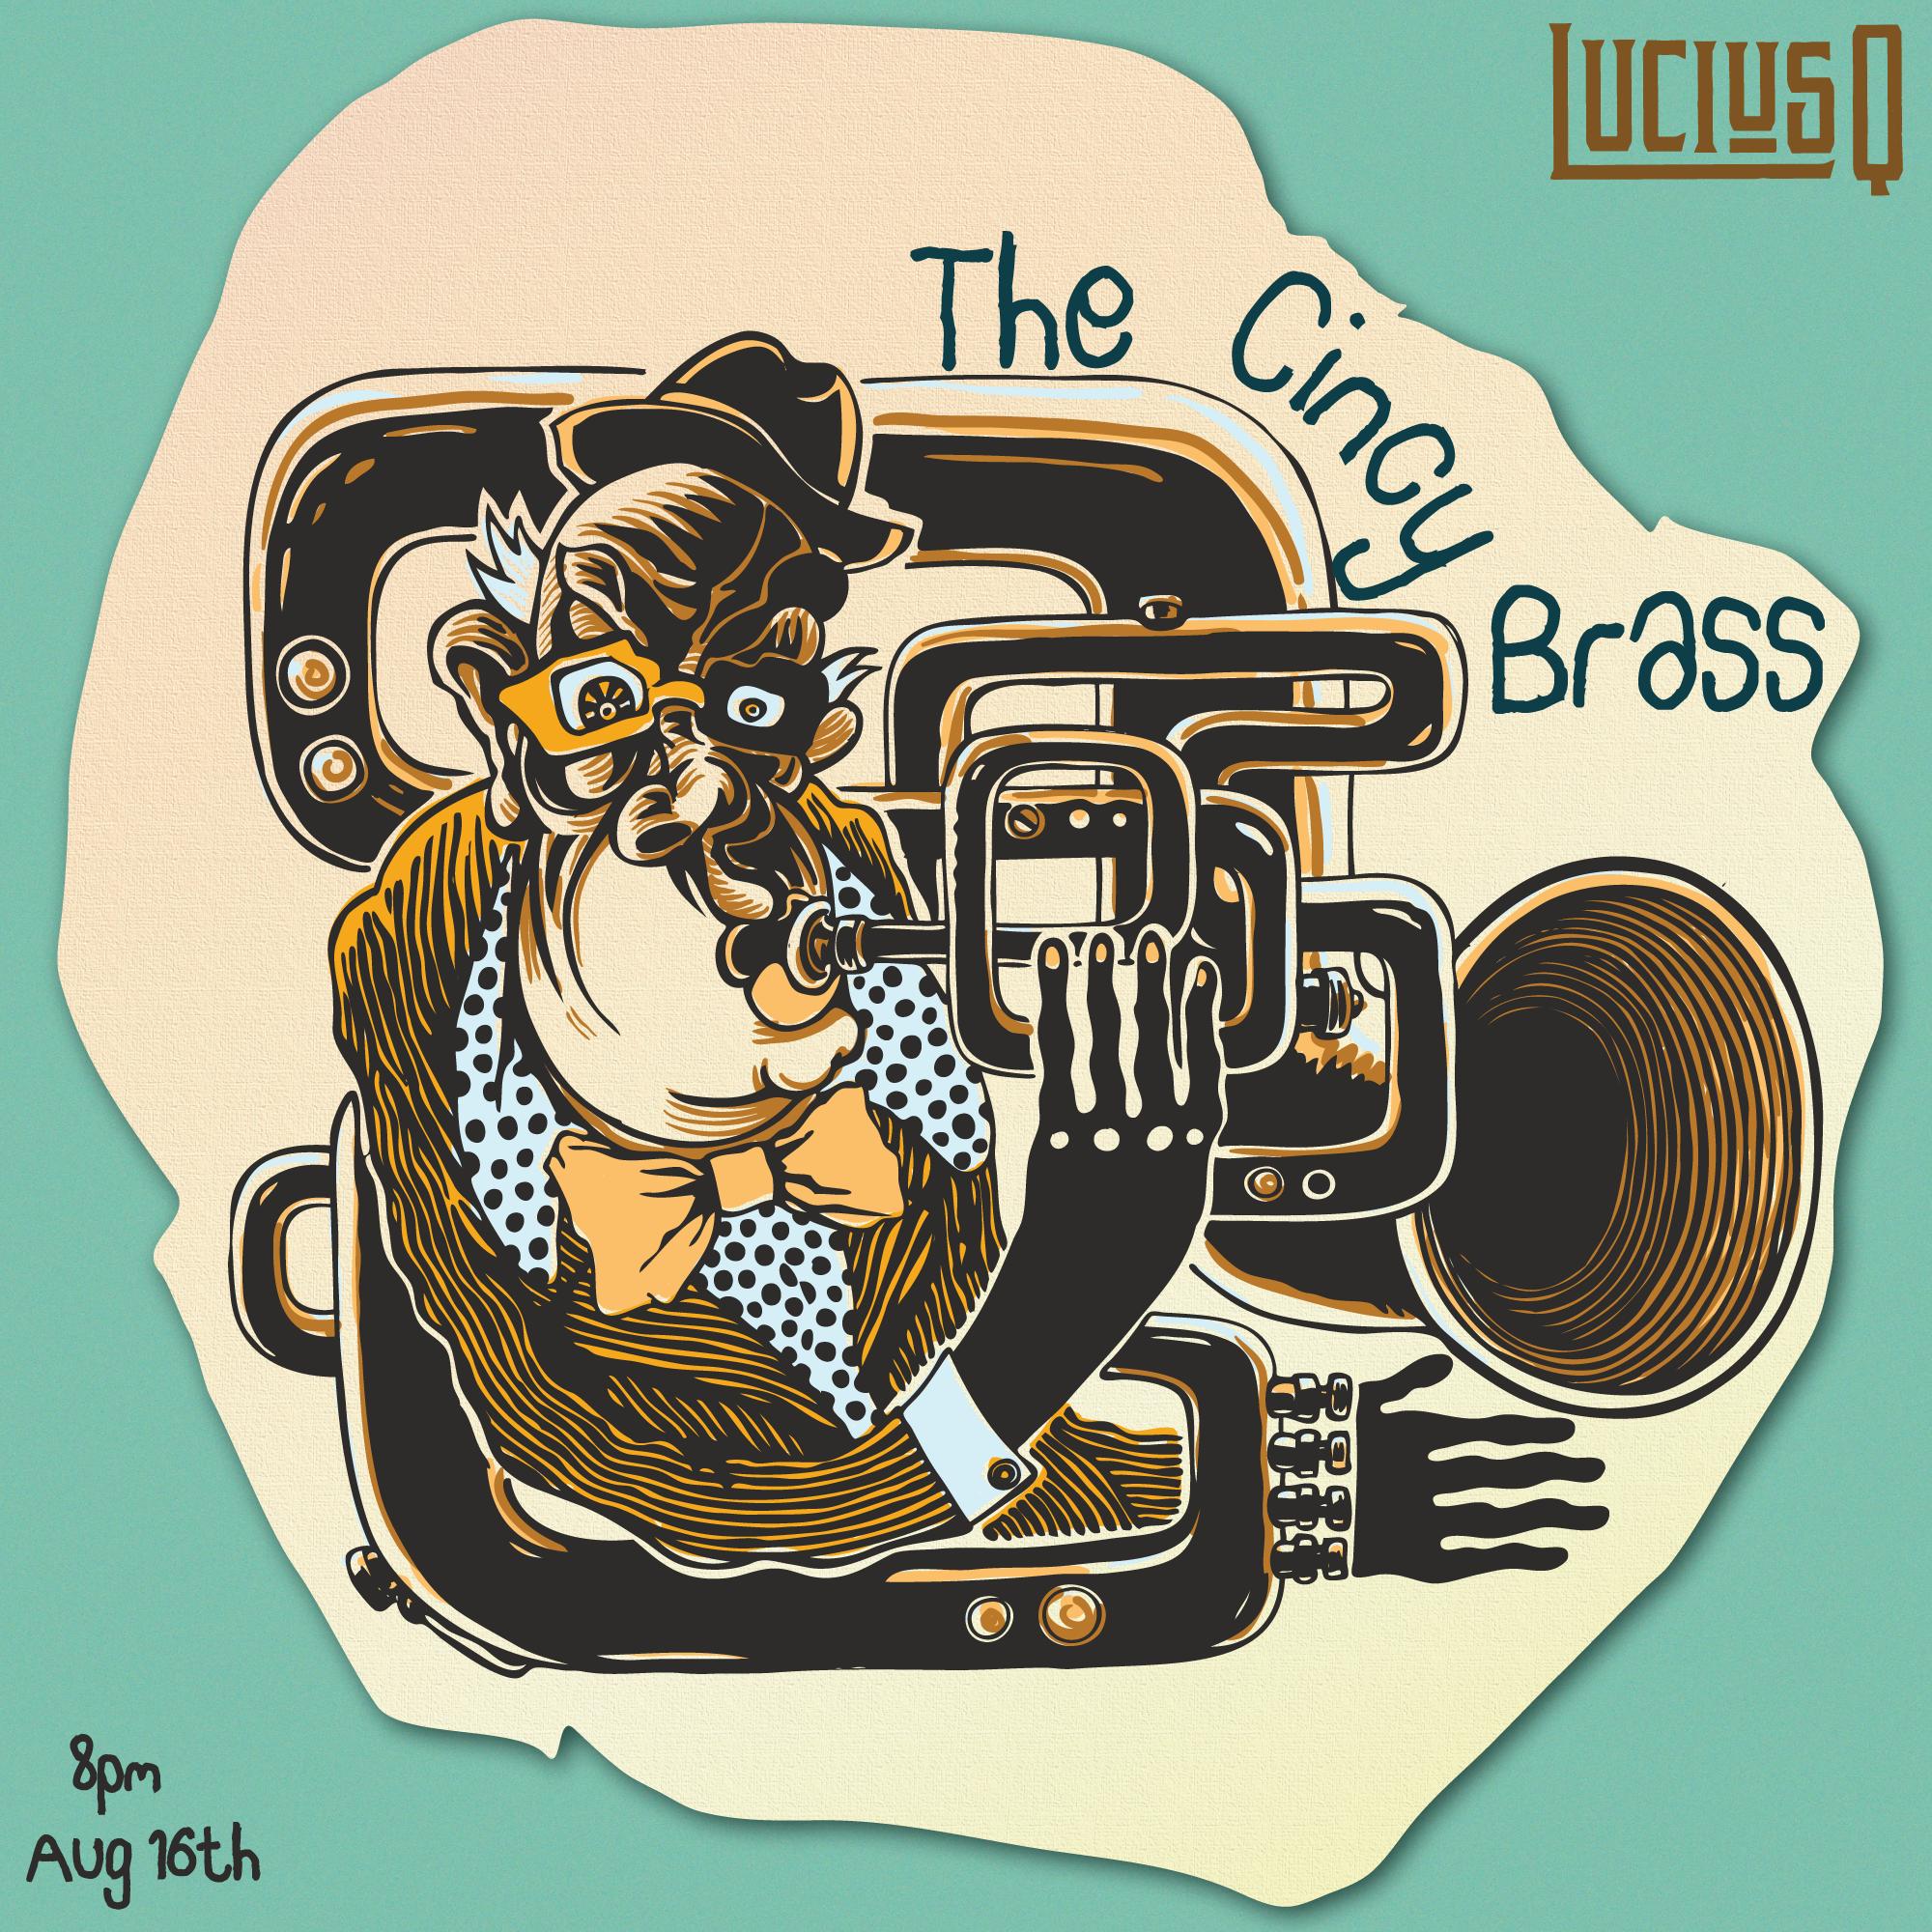 FiR-Creative---LuciusQ---The-Cincy-Brass.png